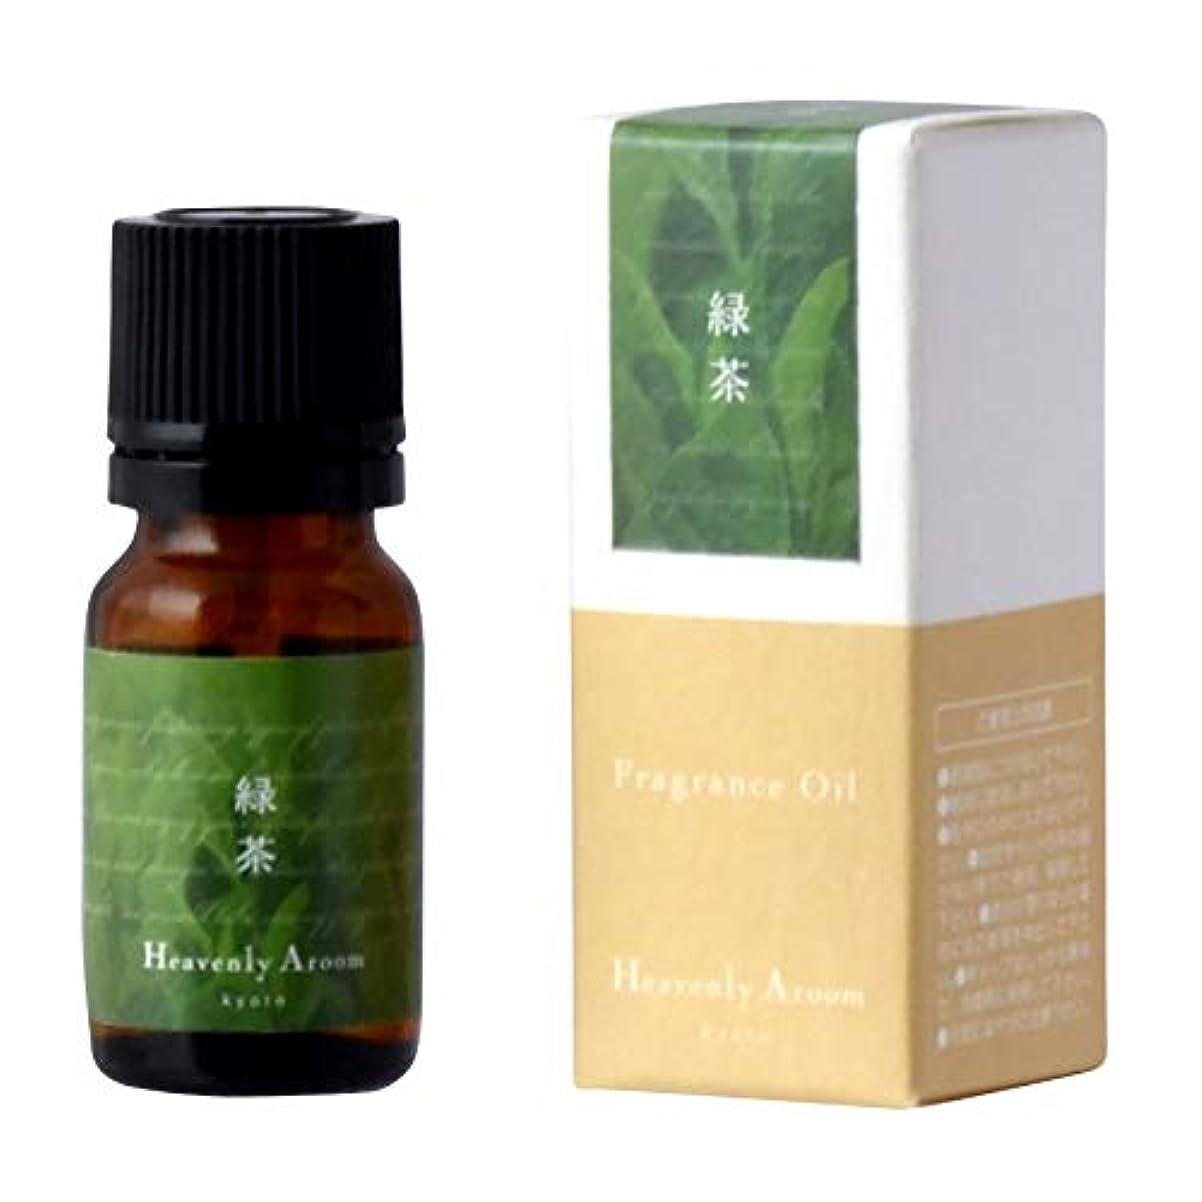 コックモードリン栄光Heavenly Aroom フレグランスオイル 緑茶 10ml